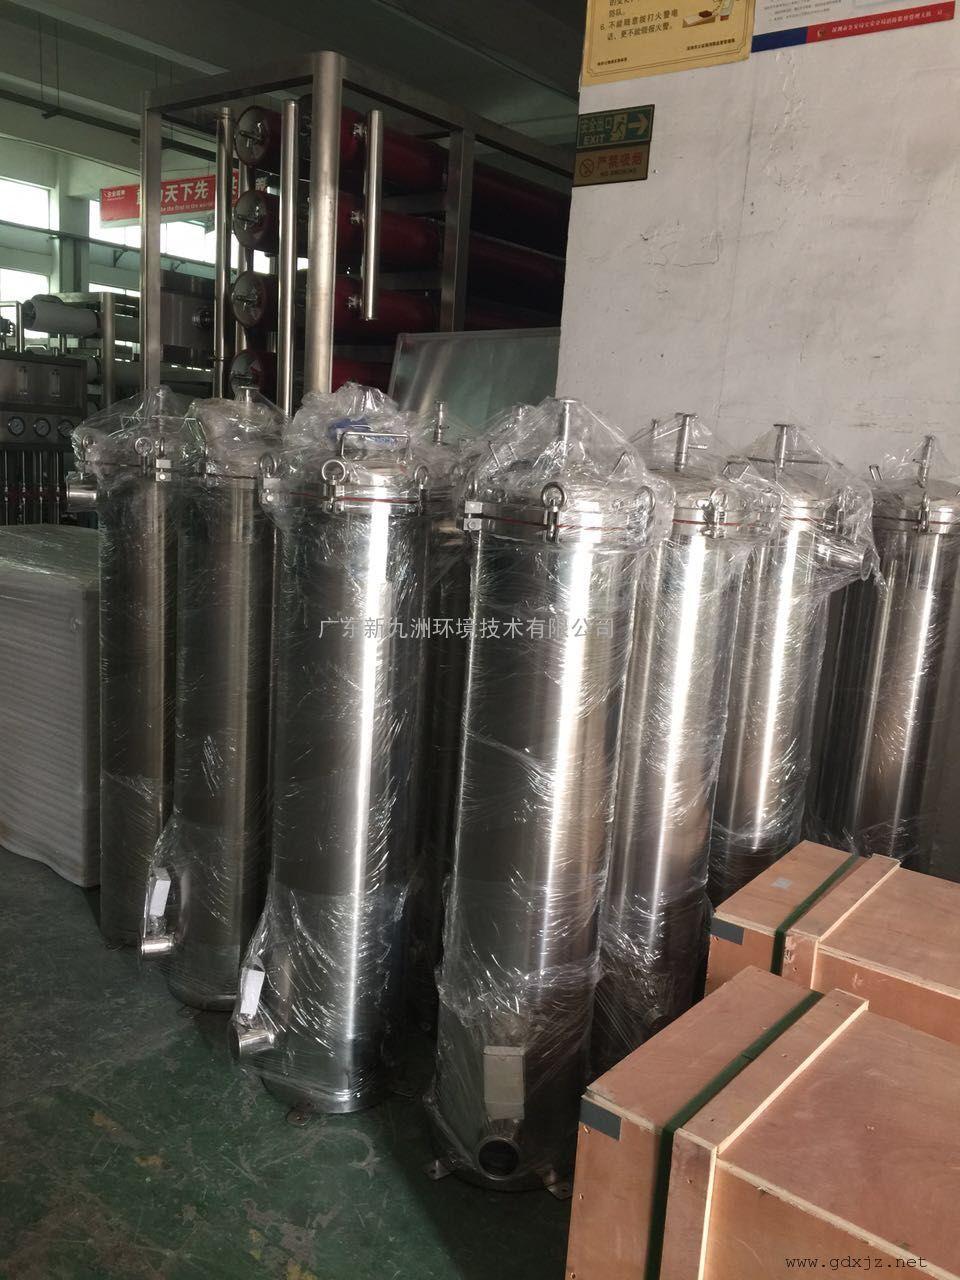 矿泉水灌装线设备 纯净水灌装线设备 山泉水灌装线设备